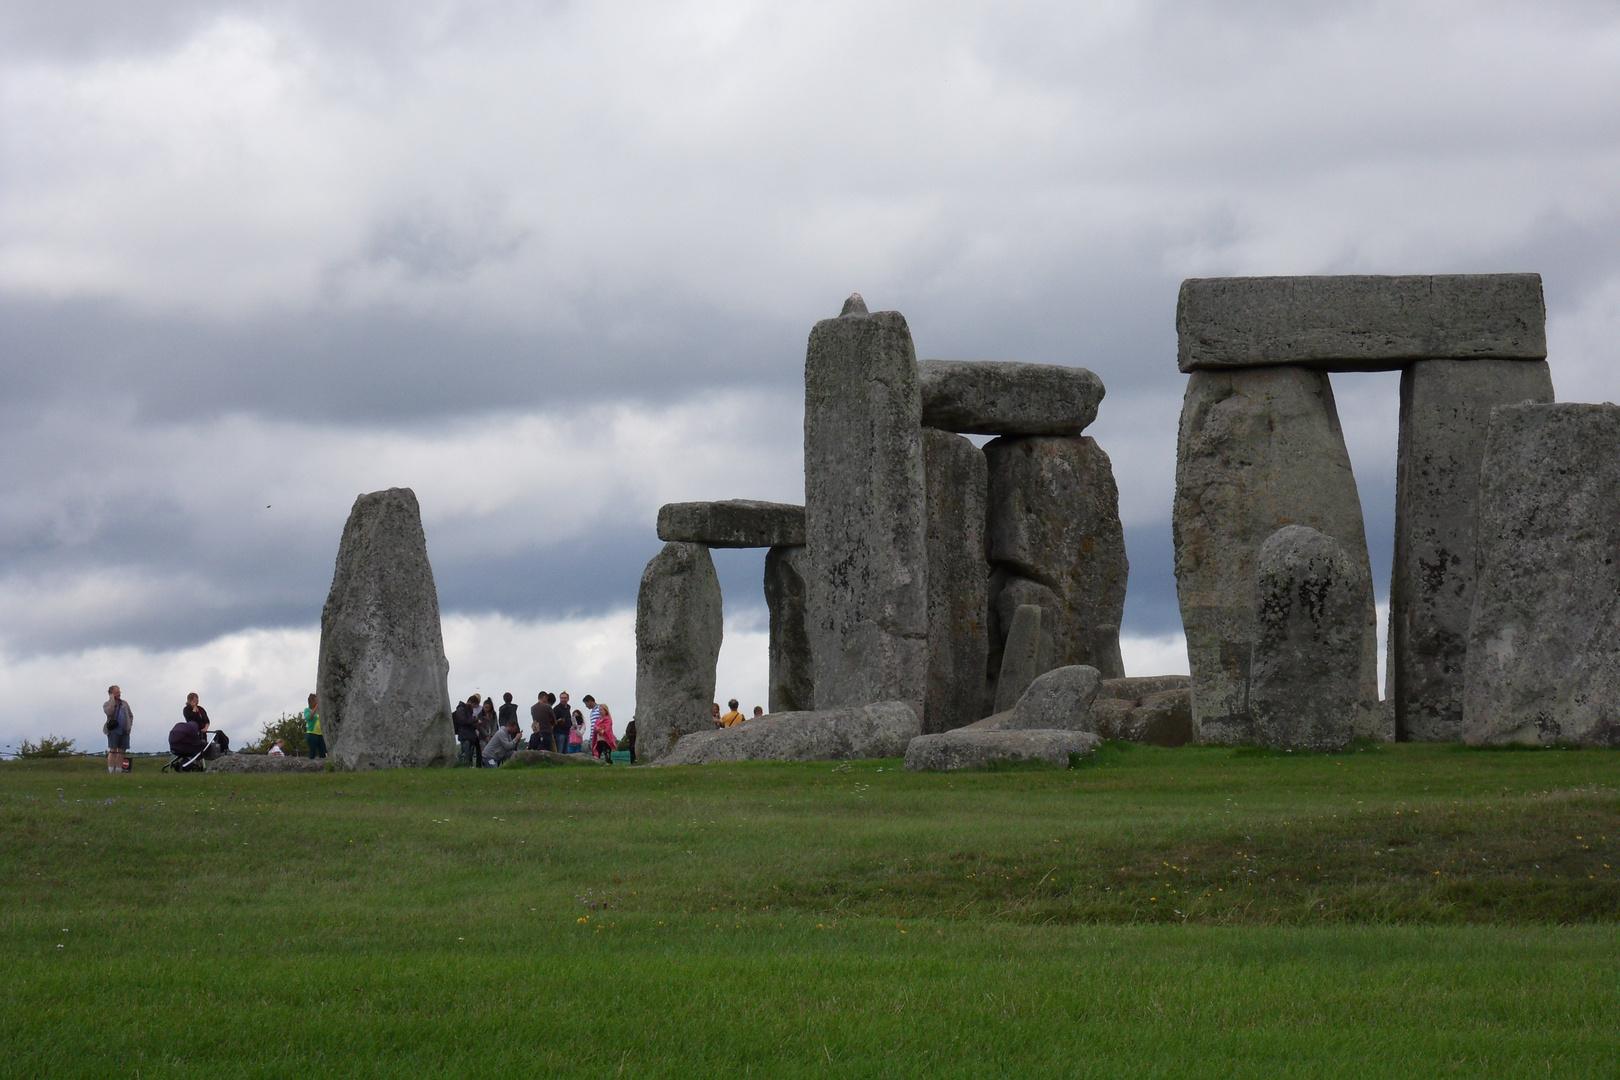 So viele Leute bestaunen so wenig Steine ...